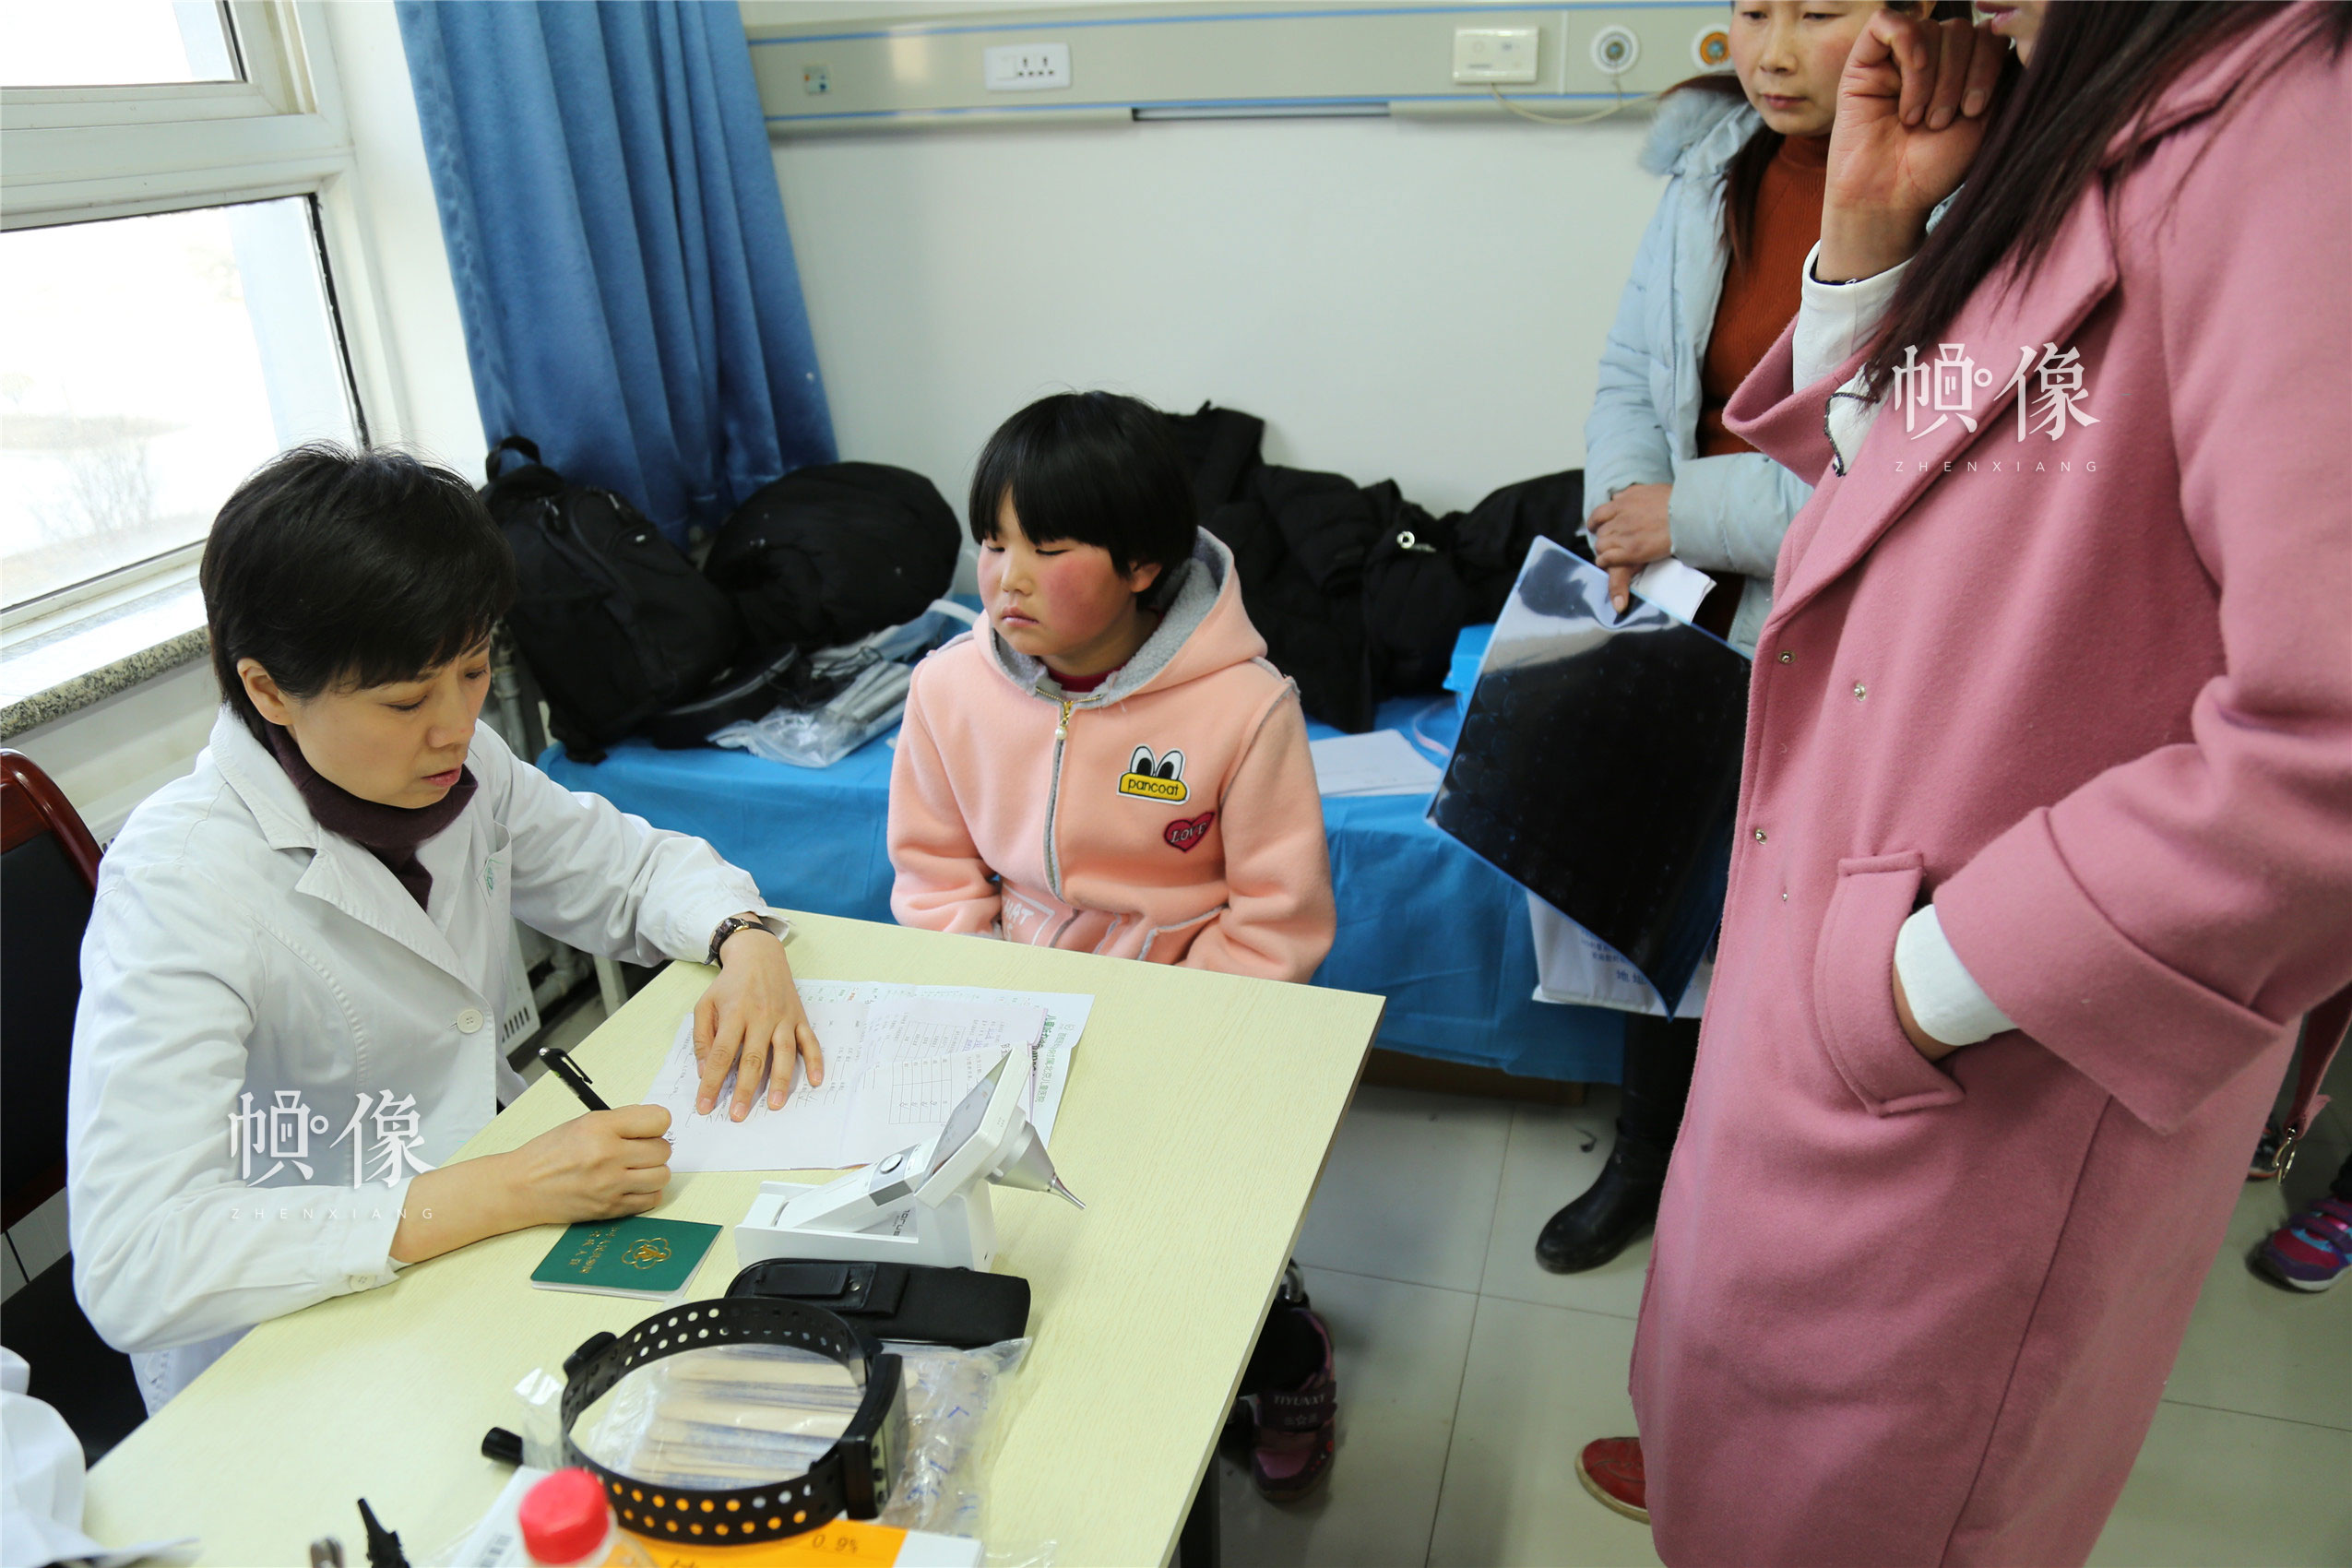 2018年1月21日,甘肃省陇南市西和县,首都医科大学附属北京儿童医院耳鼻咽喉头颈外科科主任、主任医师张杰为听力障碍儿童进行筛查。中国网实习记者 朱珊杉 摄